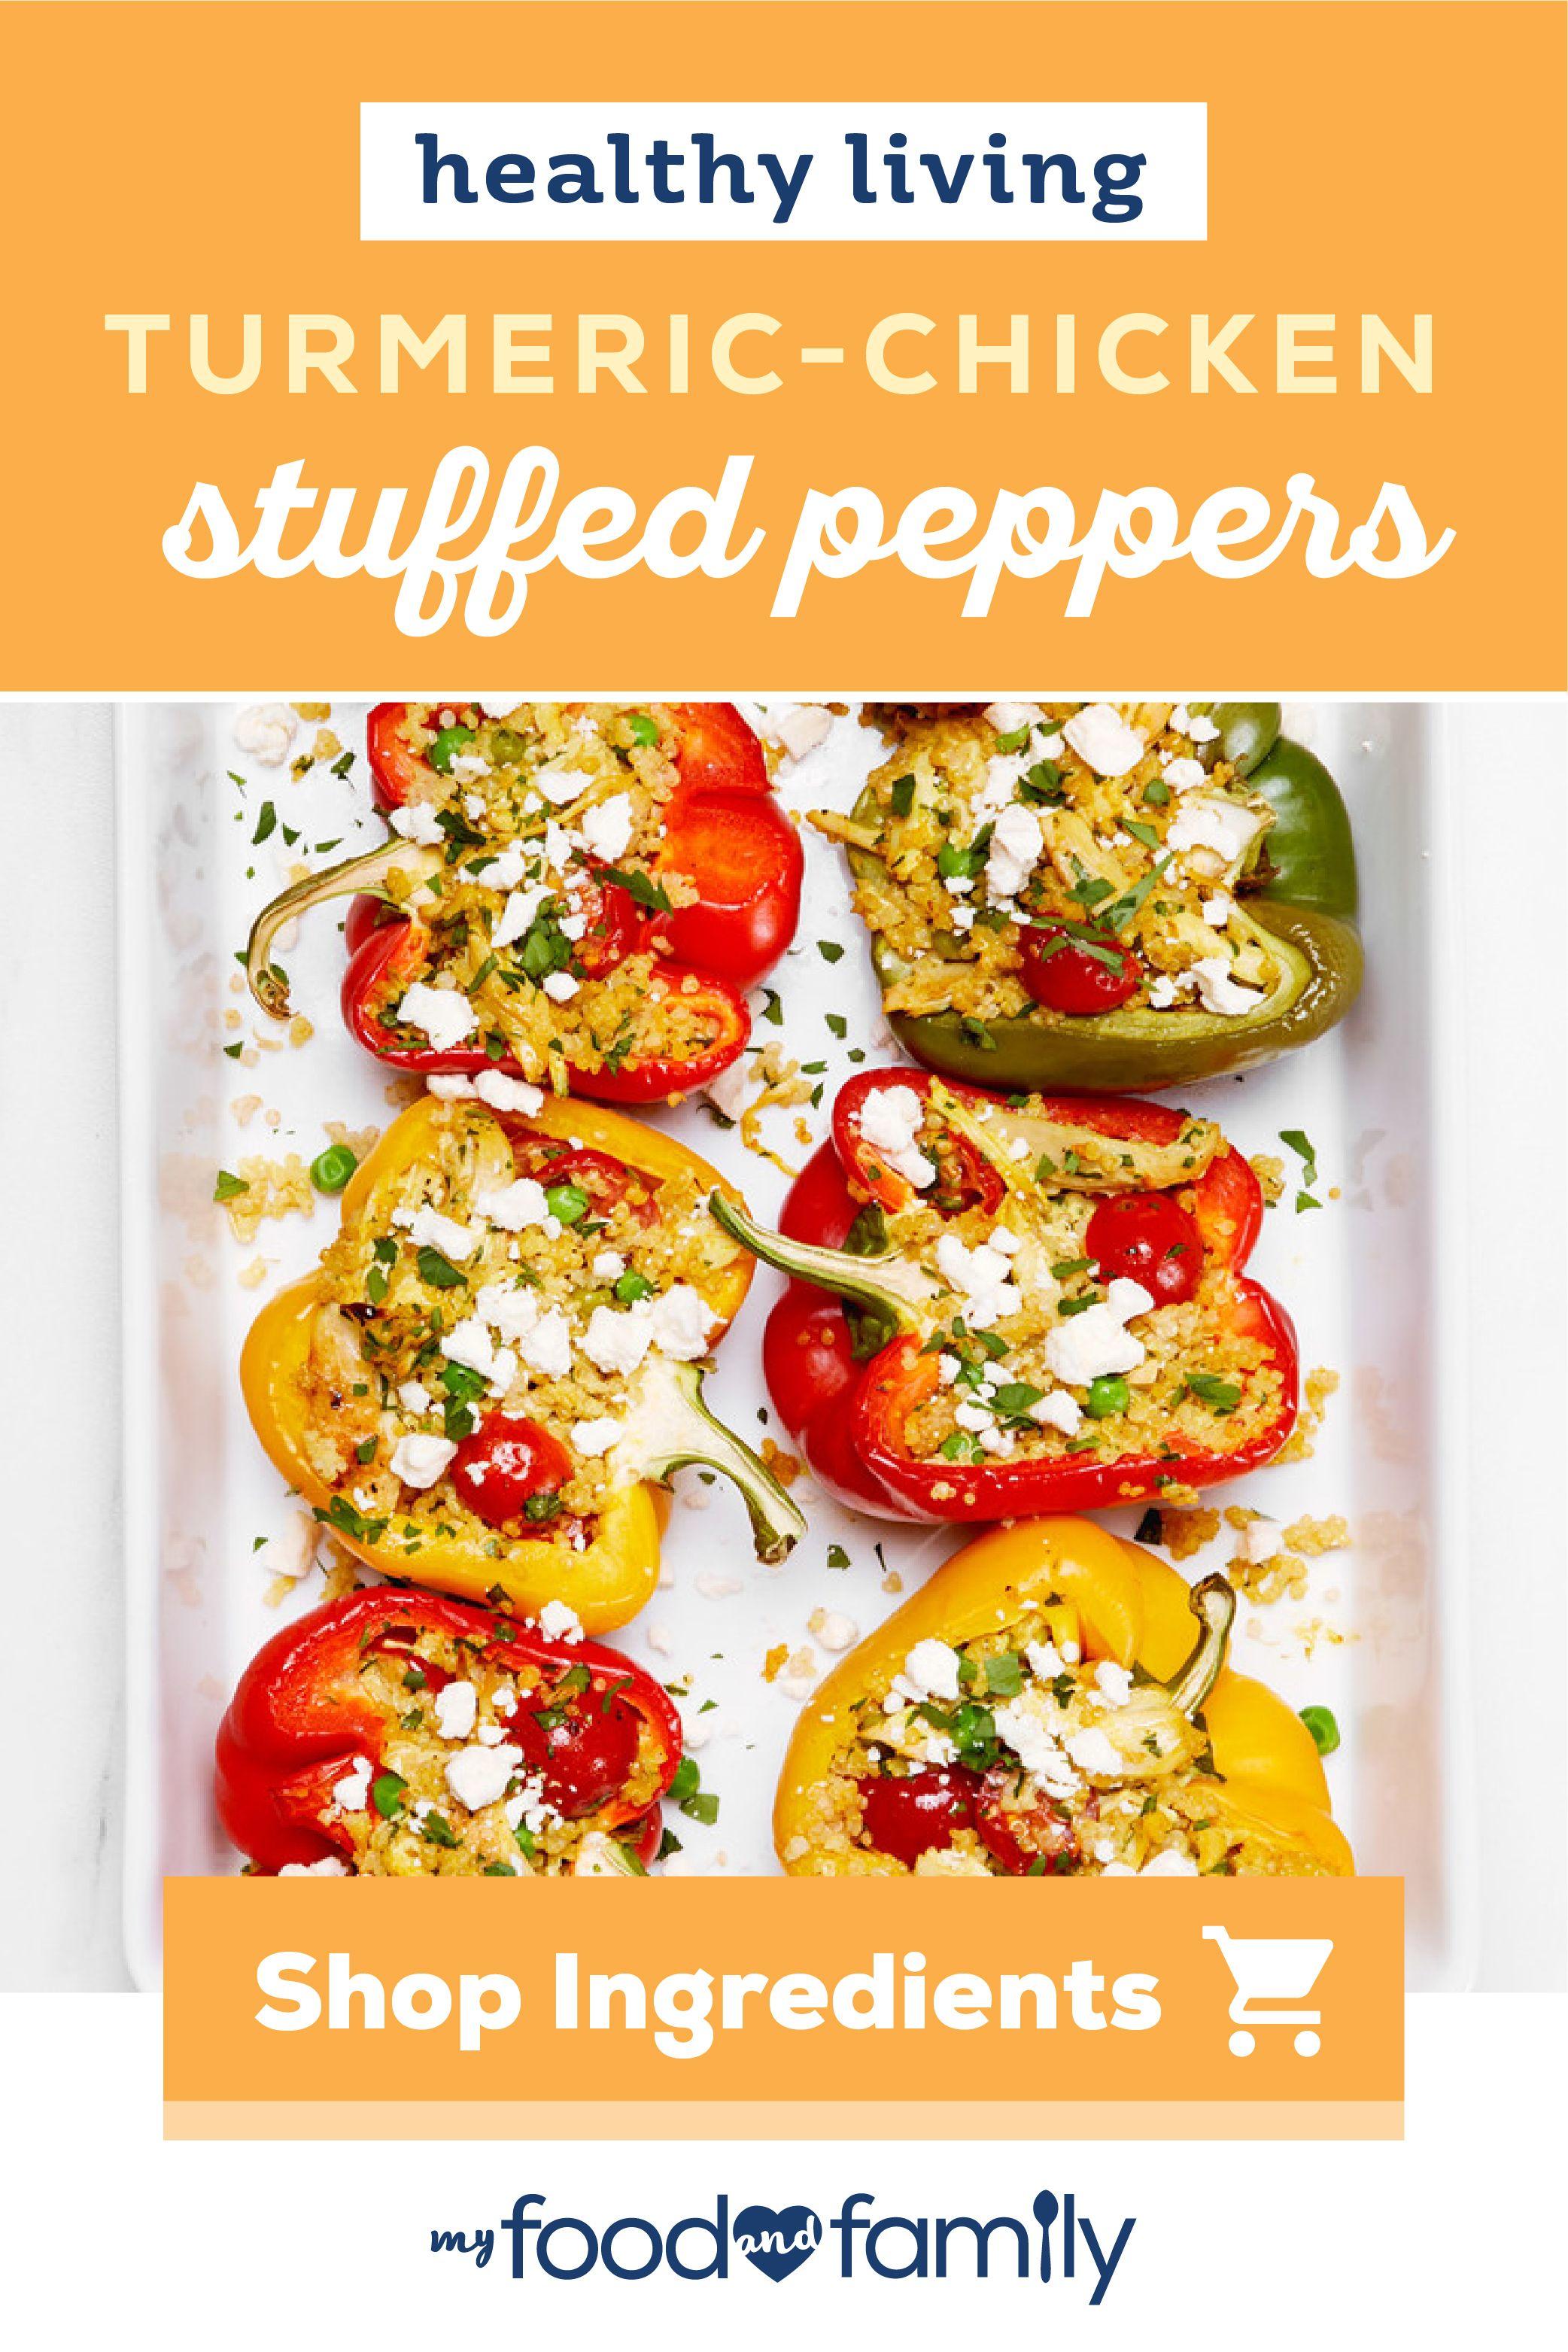 TurmericChicken Stuffed Peppers Recipe in 2020